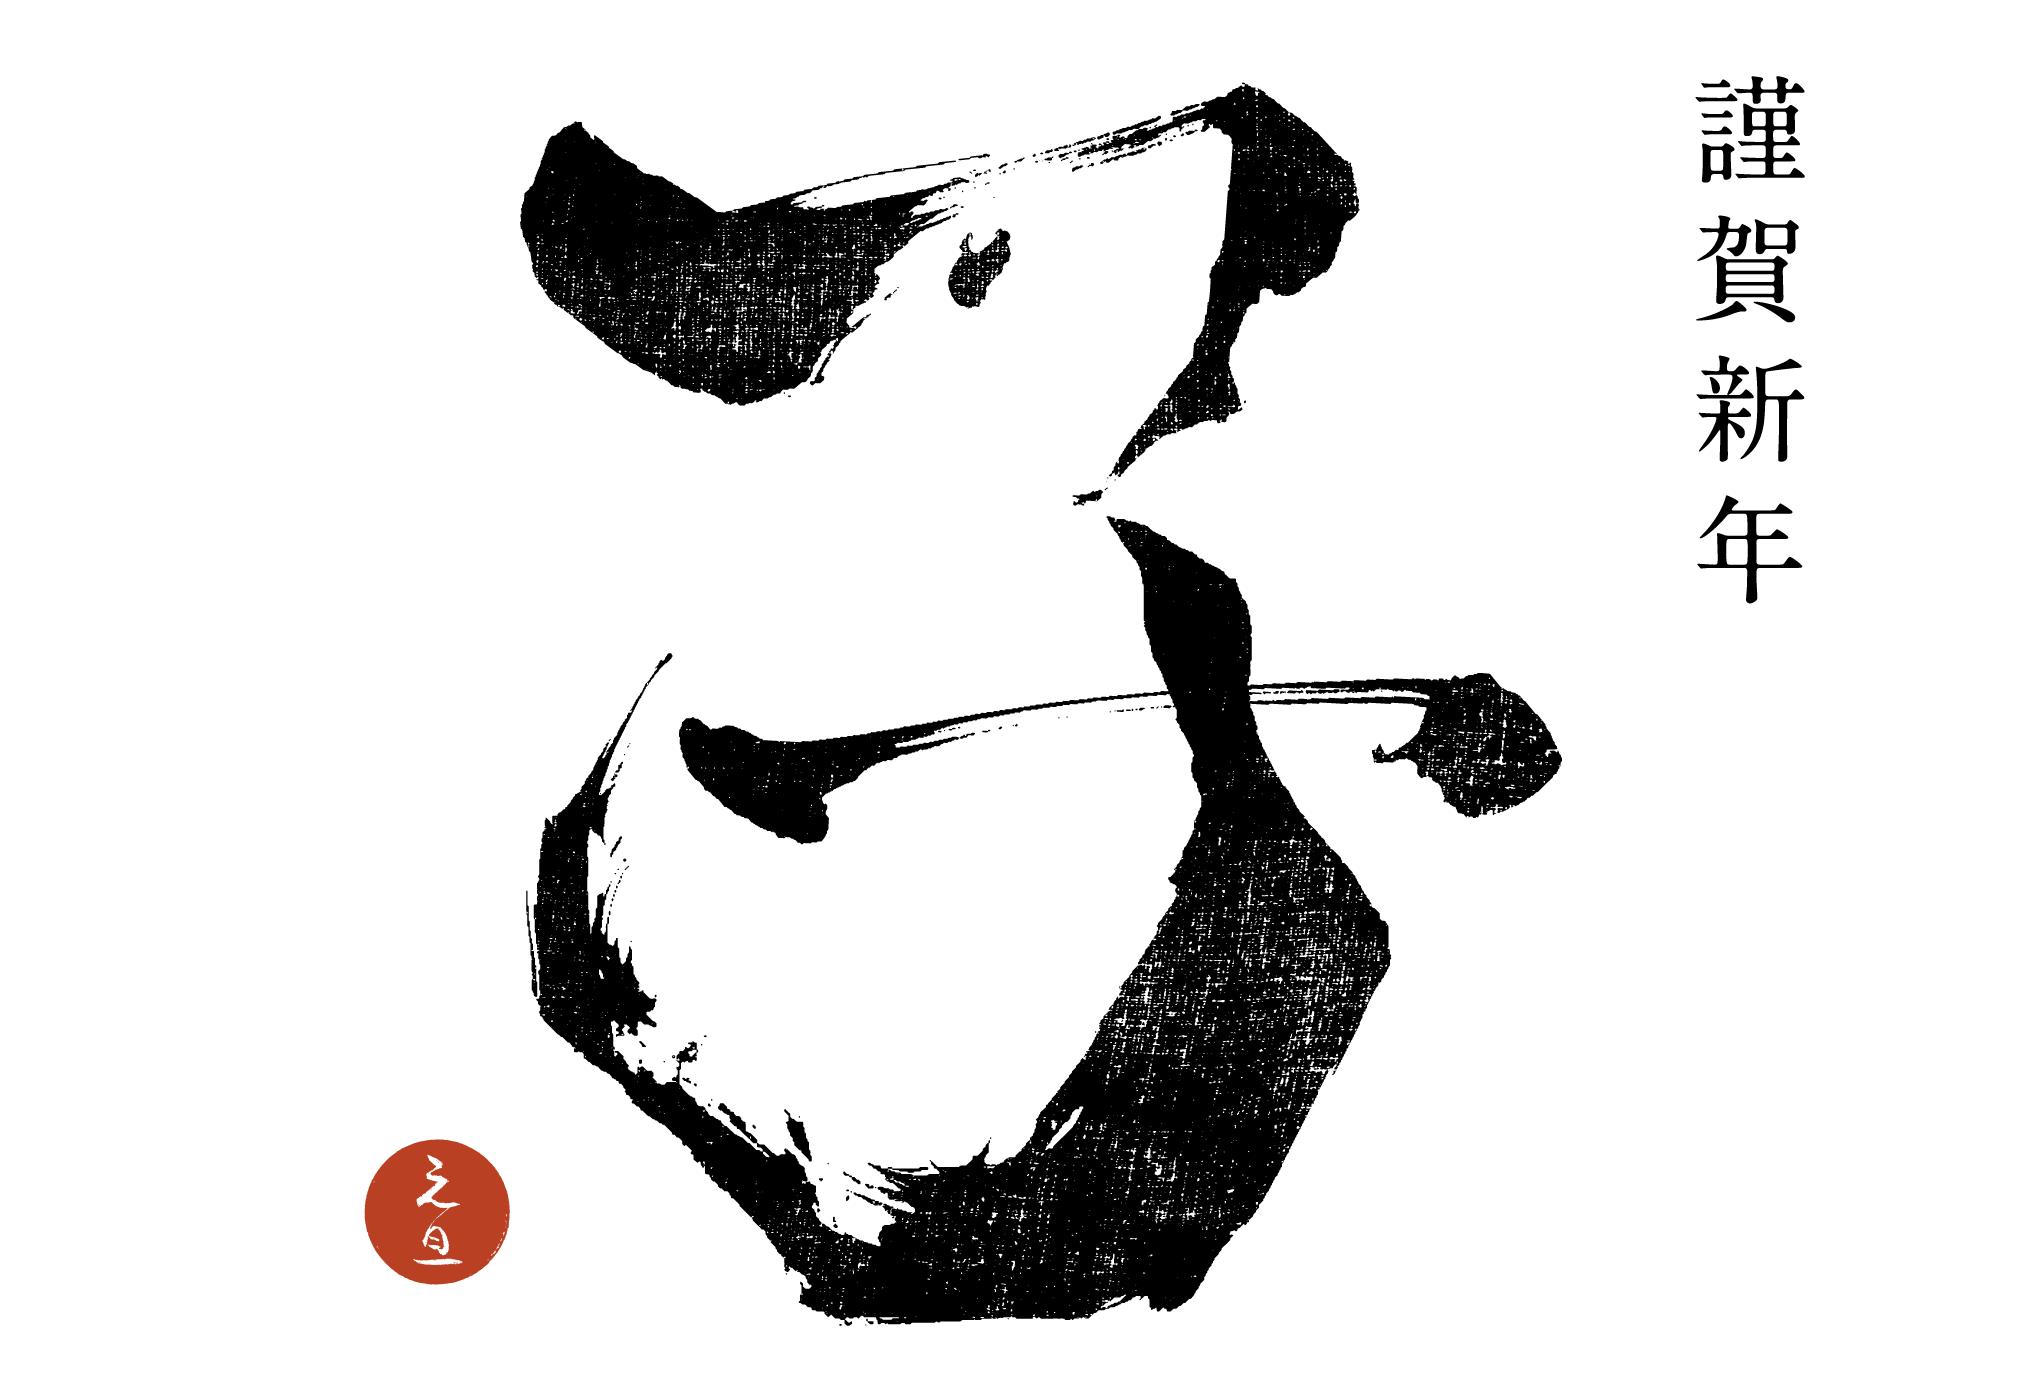 2020年賀状09-1:子 Calligraphy(謹賀新年)横のダウンロード画像